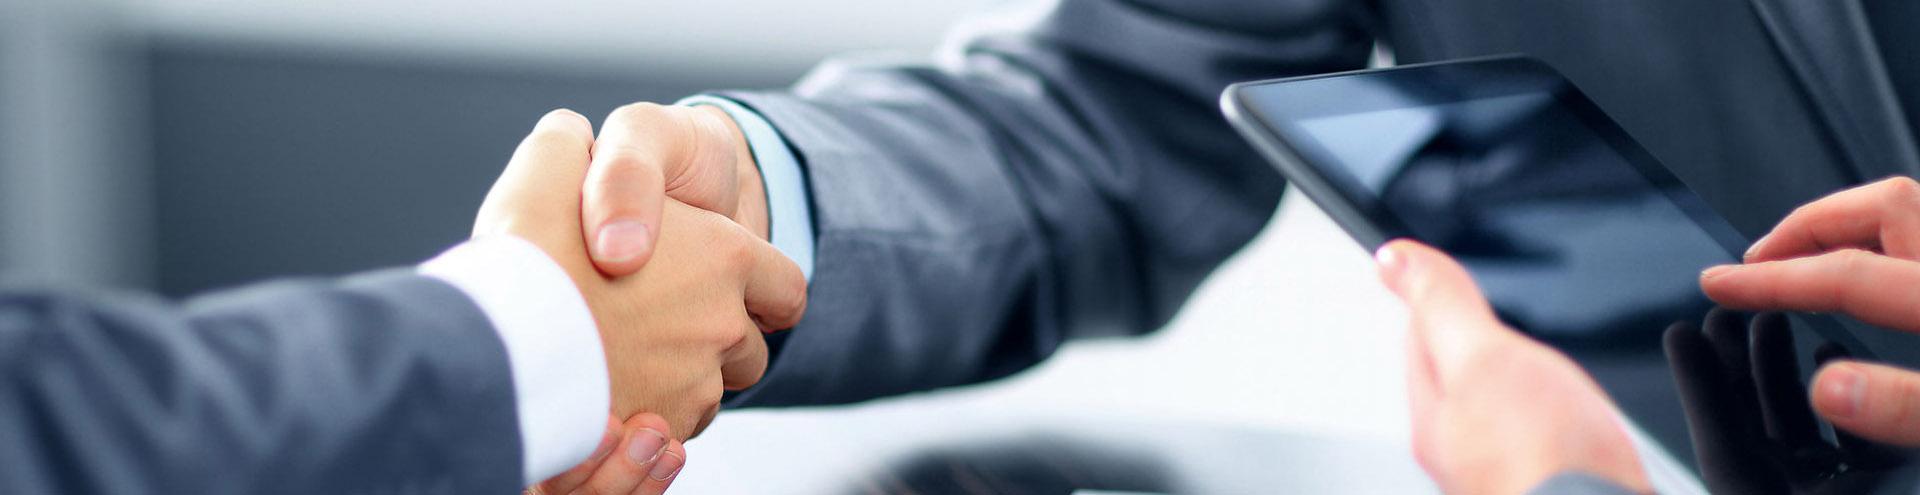 юридическое обслуживание предпринимателей в Чебоксарах